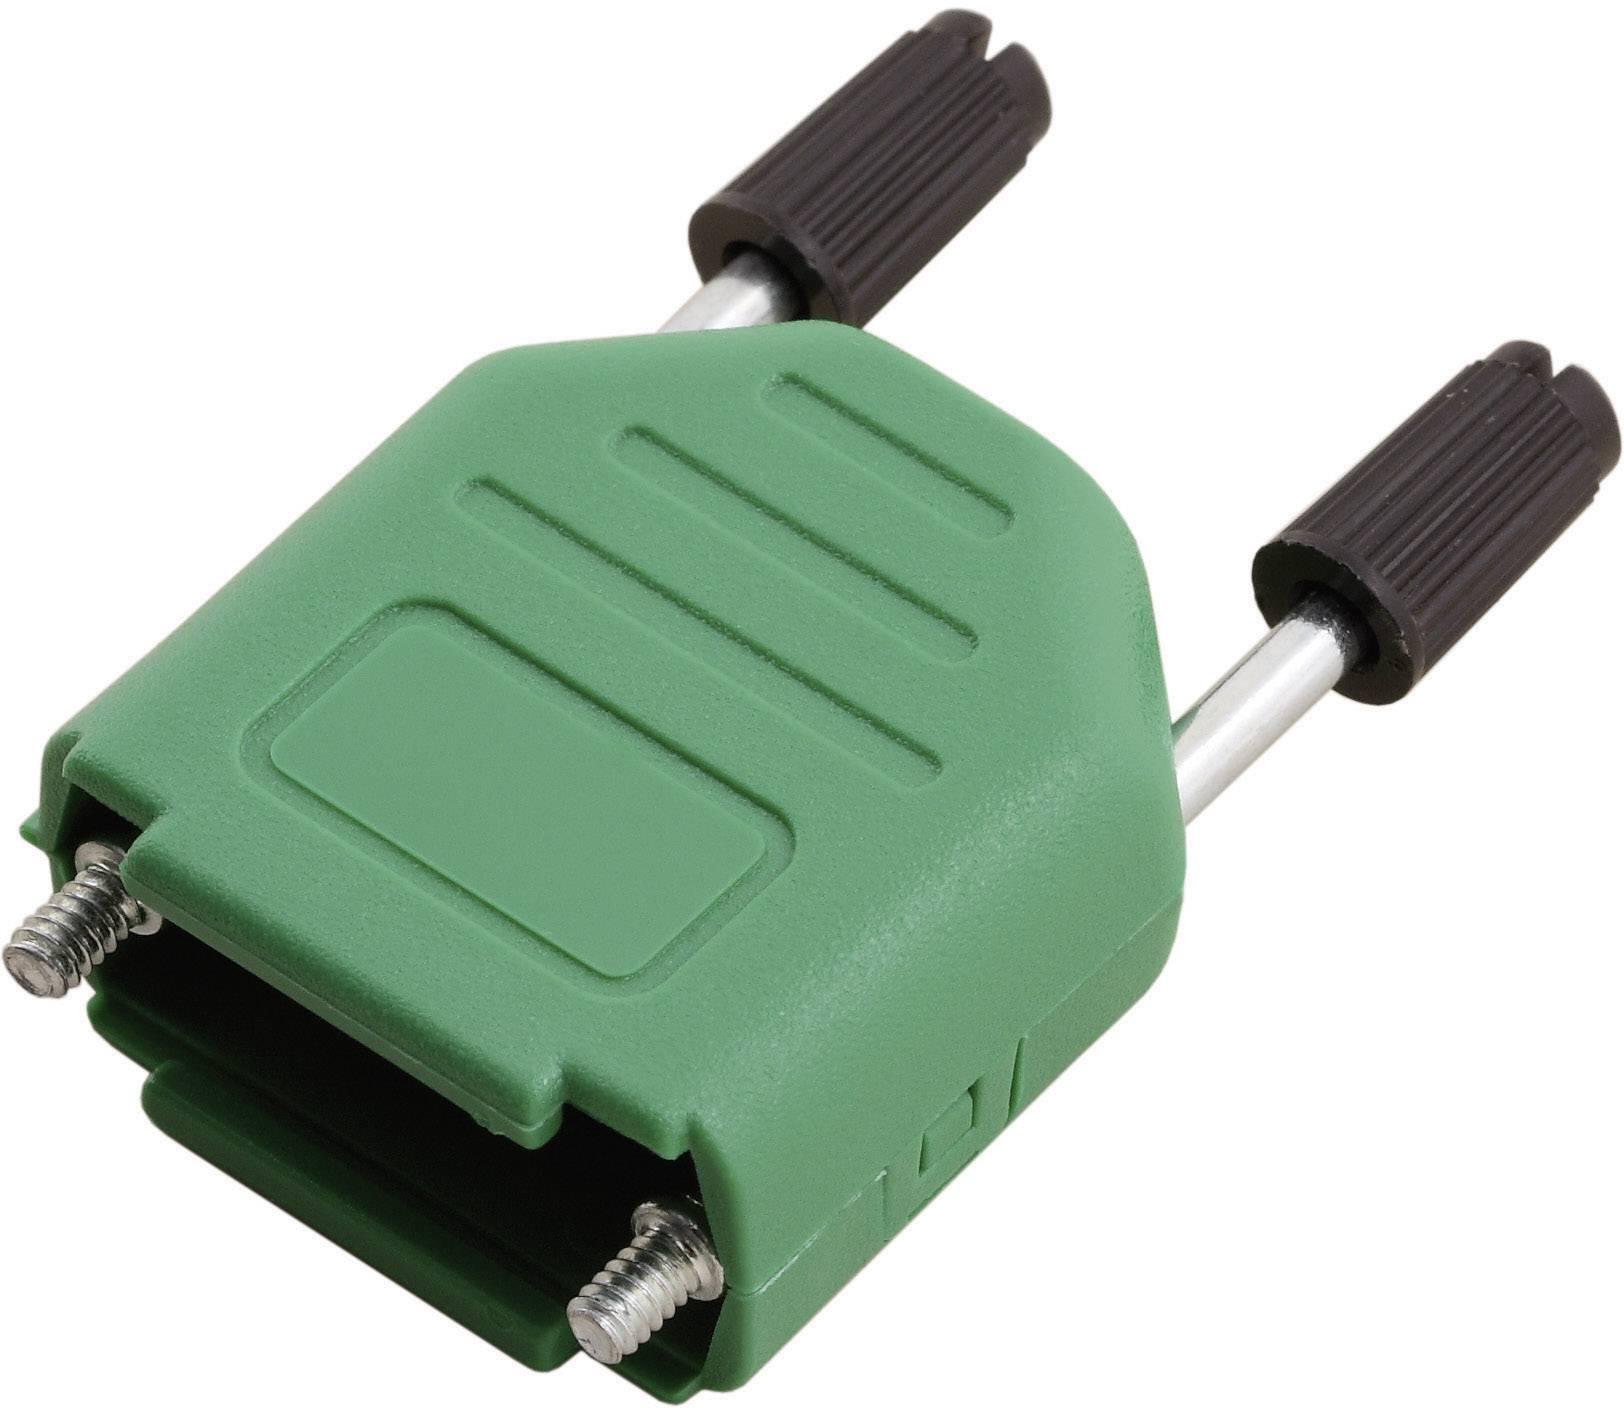 D-SUB pouzdro MH Connectors MHDPPK25-G-K, Pólů: 25, plast, 180 °, zelená, 1 ks